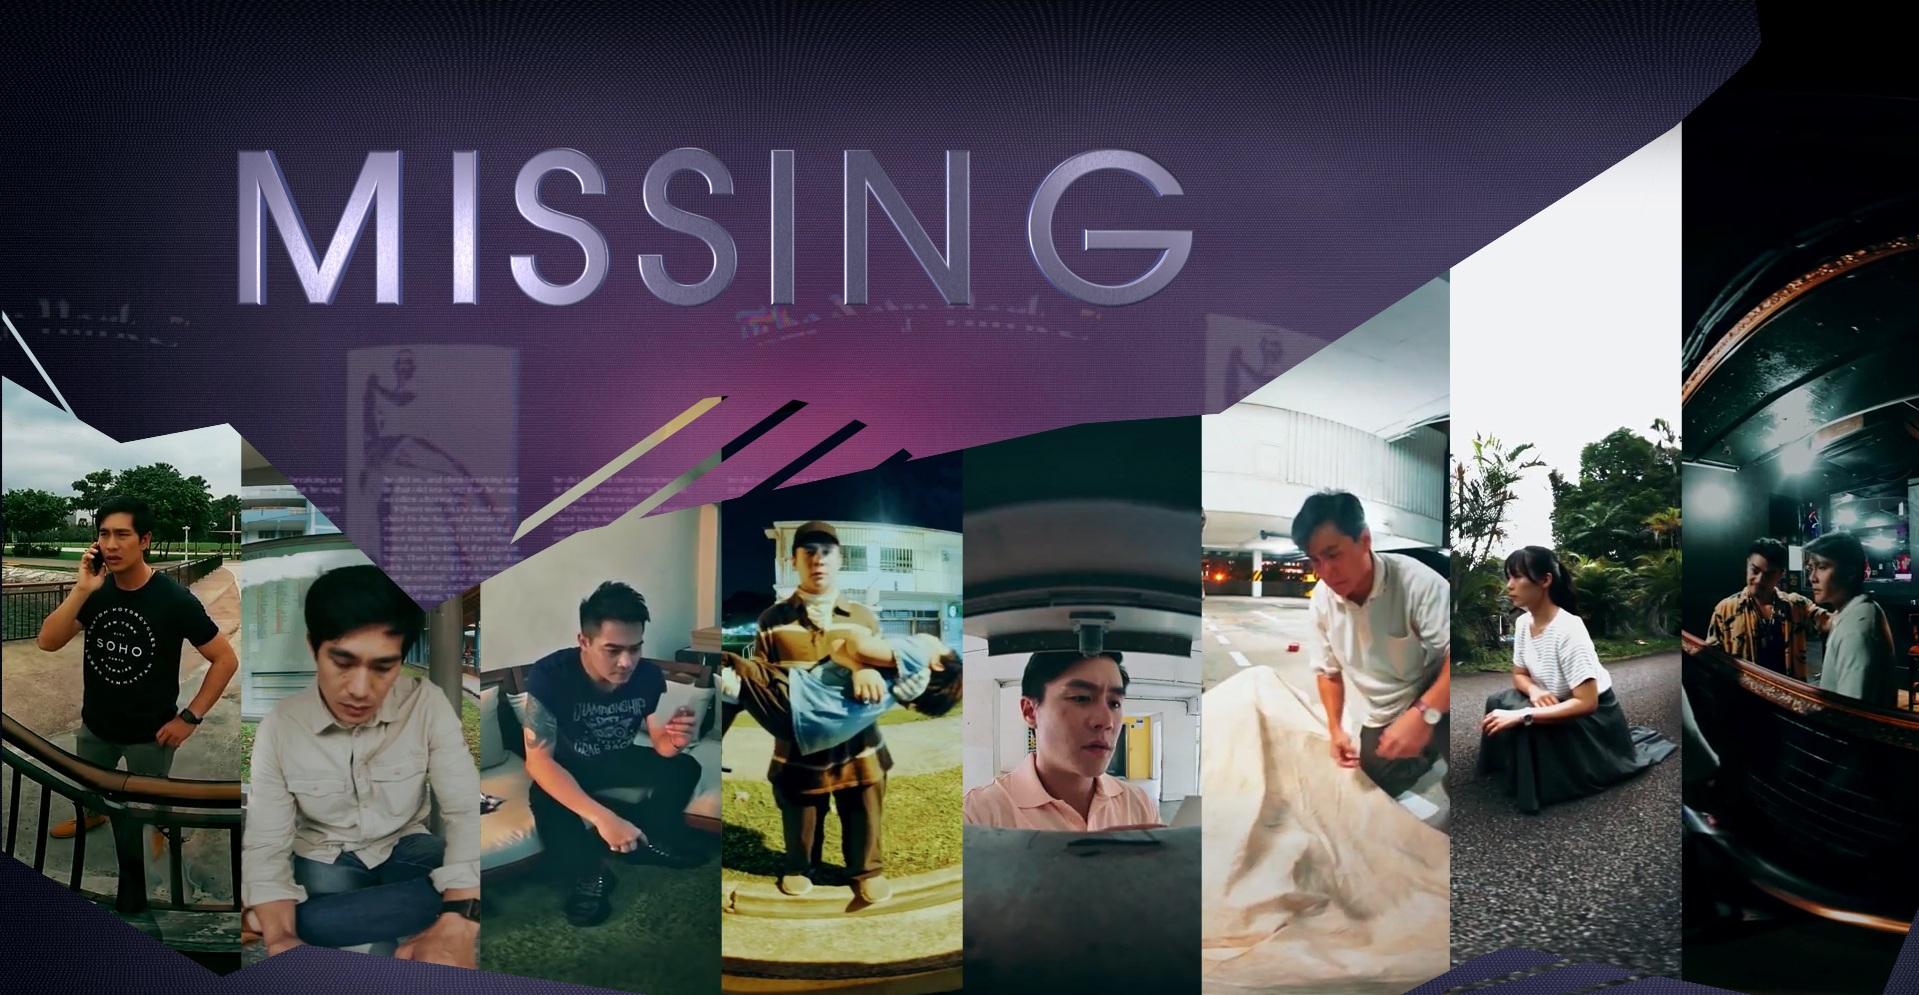 Missing_MAIN2.jpg